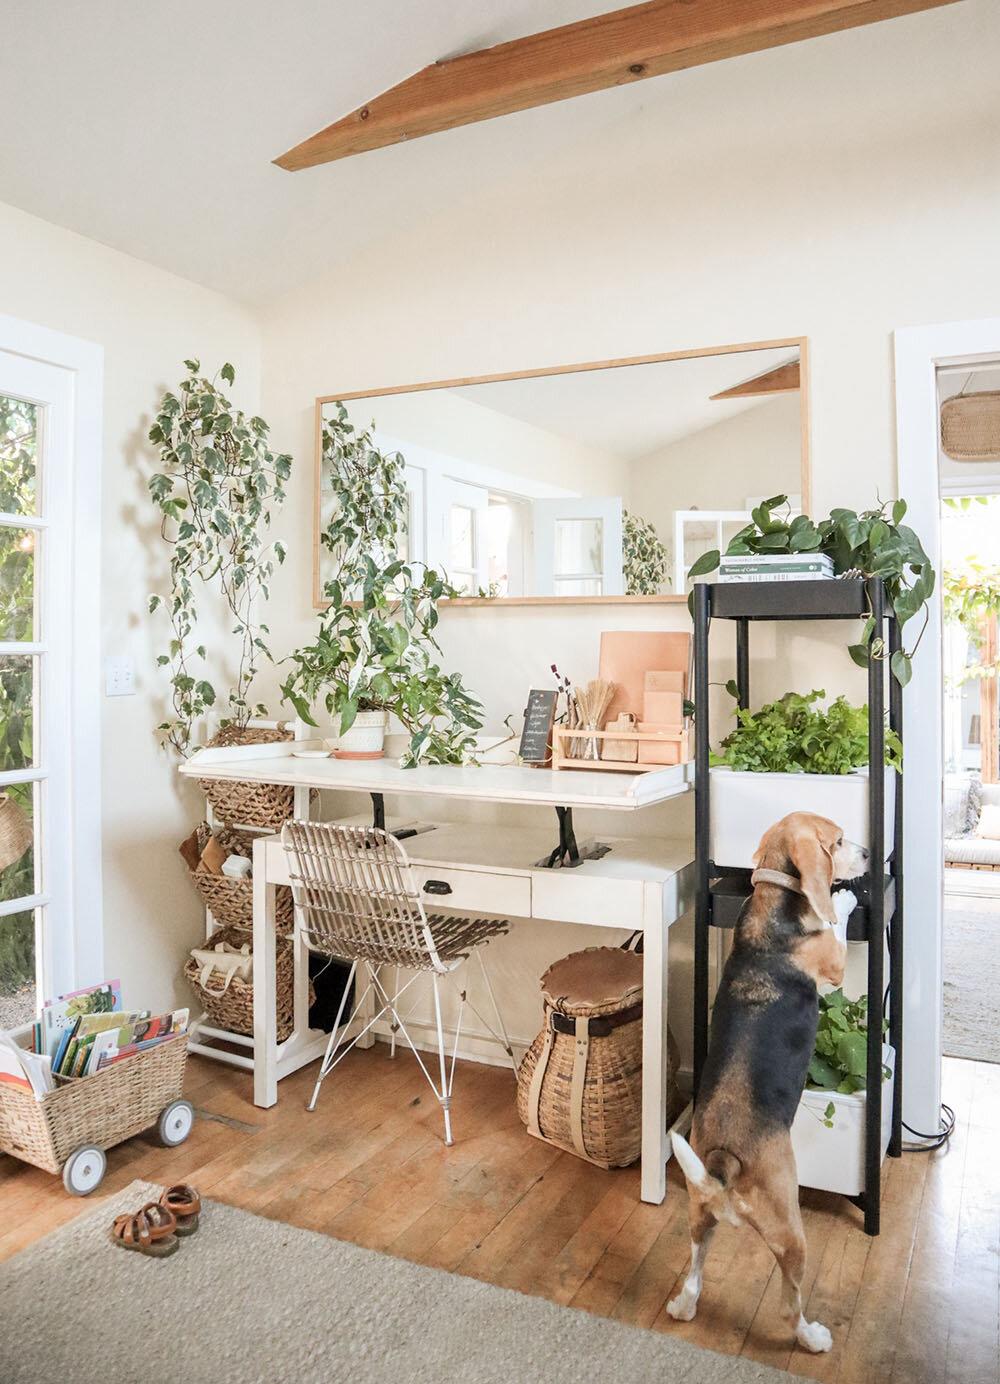 indoor_small_space_gardening_30.jpg